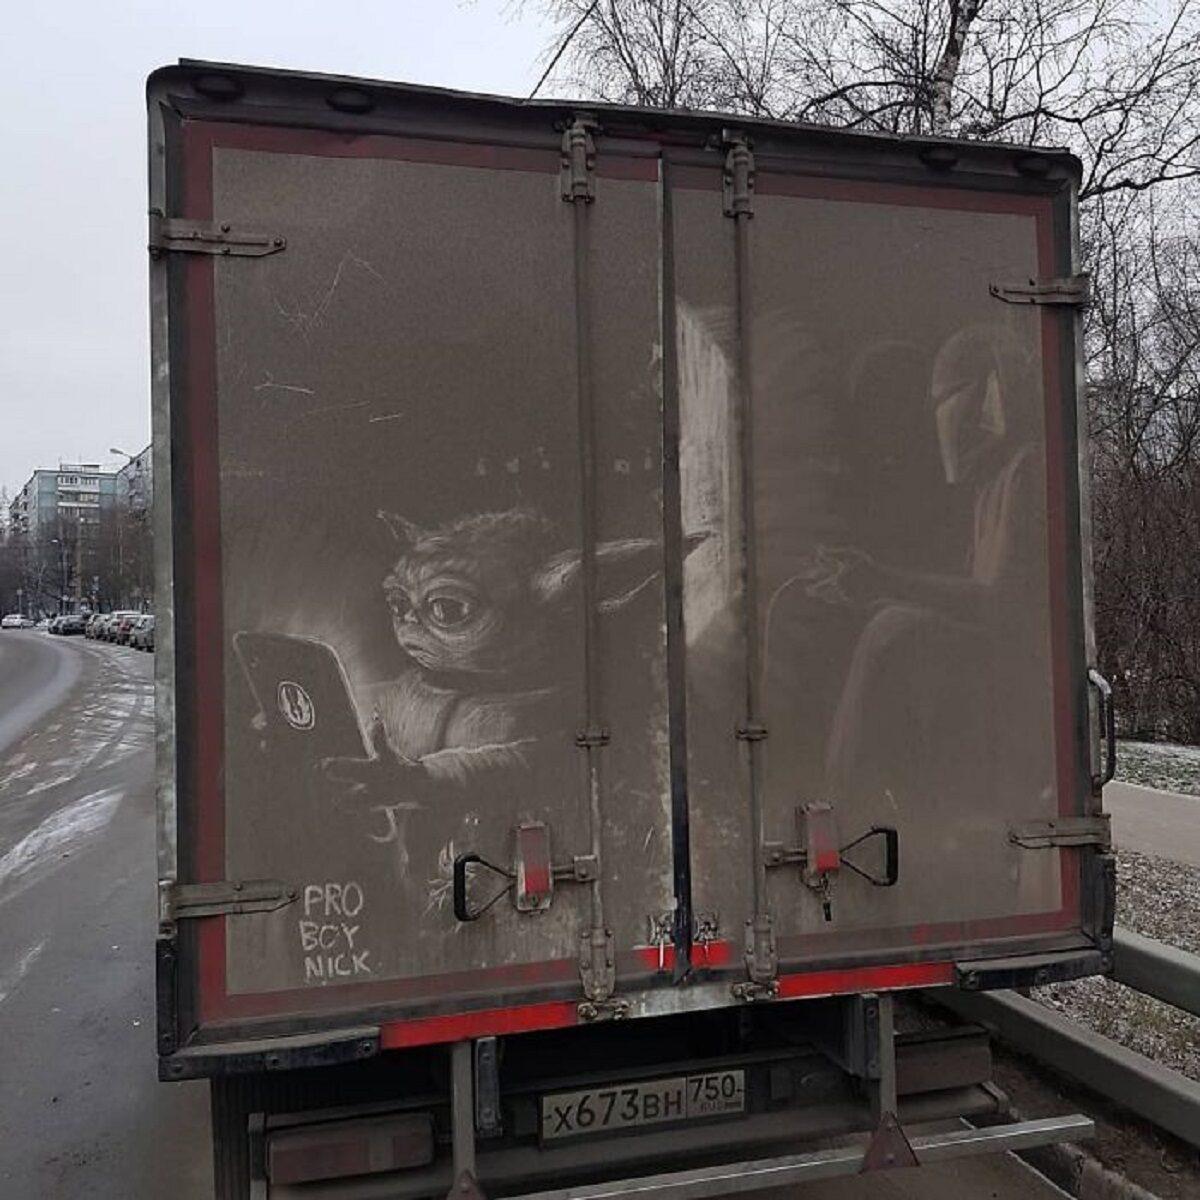 Nikita Golubev artista russa cria desenhos incriveis em caminhoes e tecnica chama atencao 1